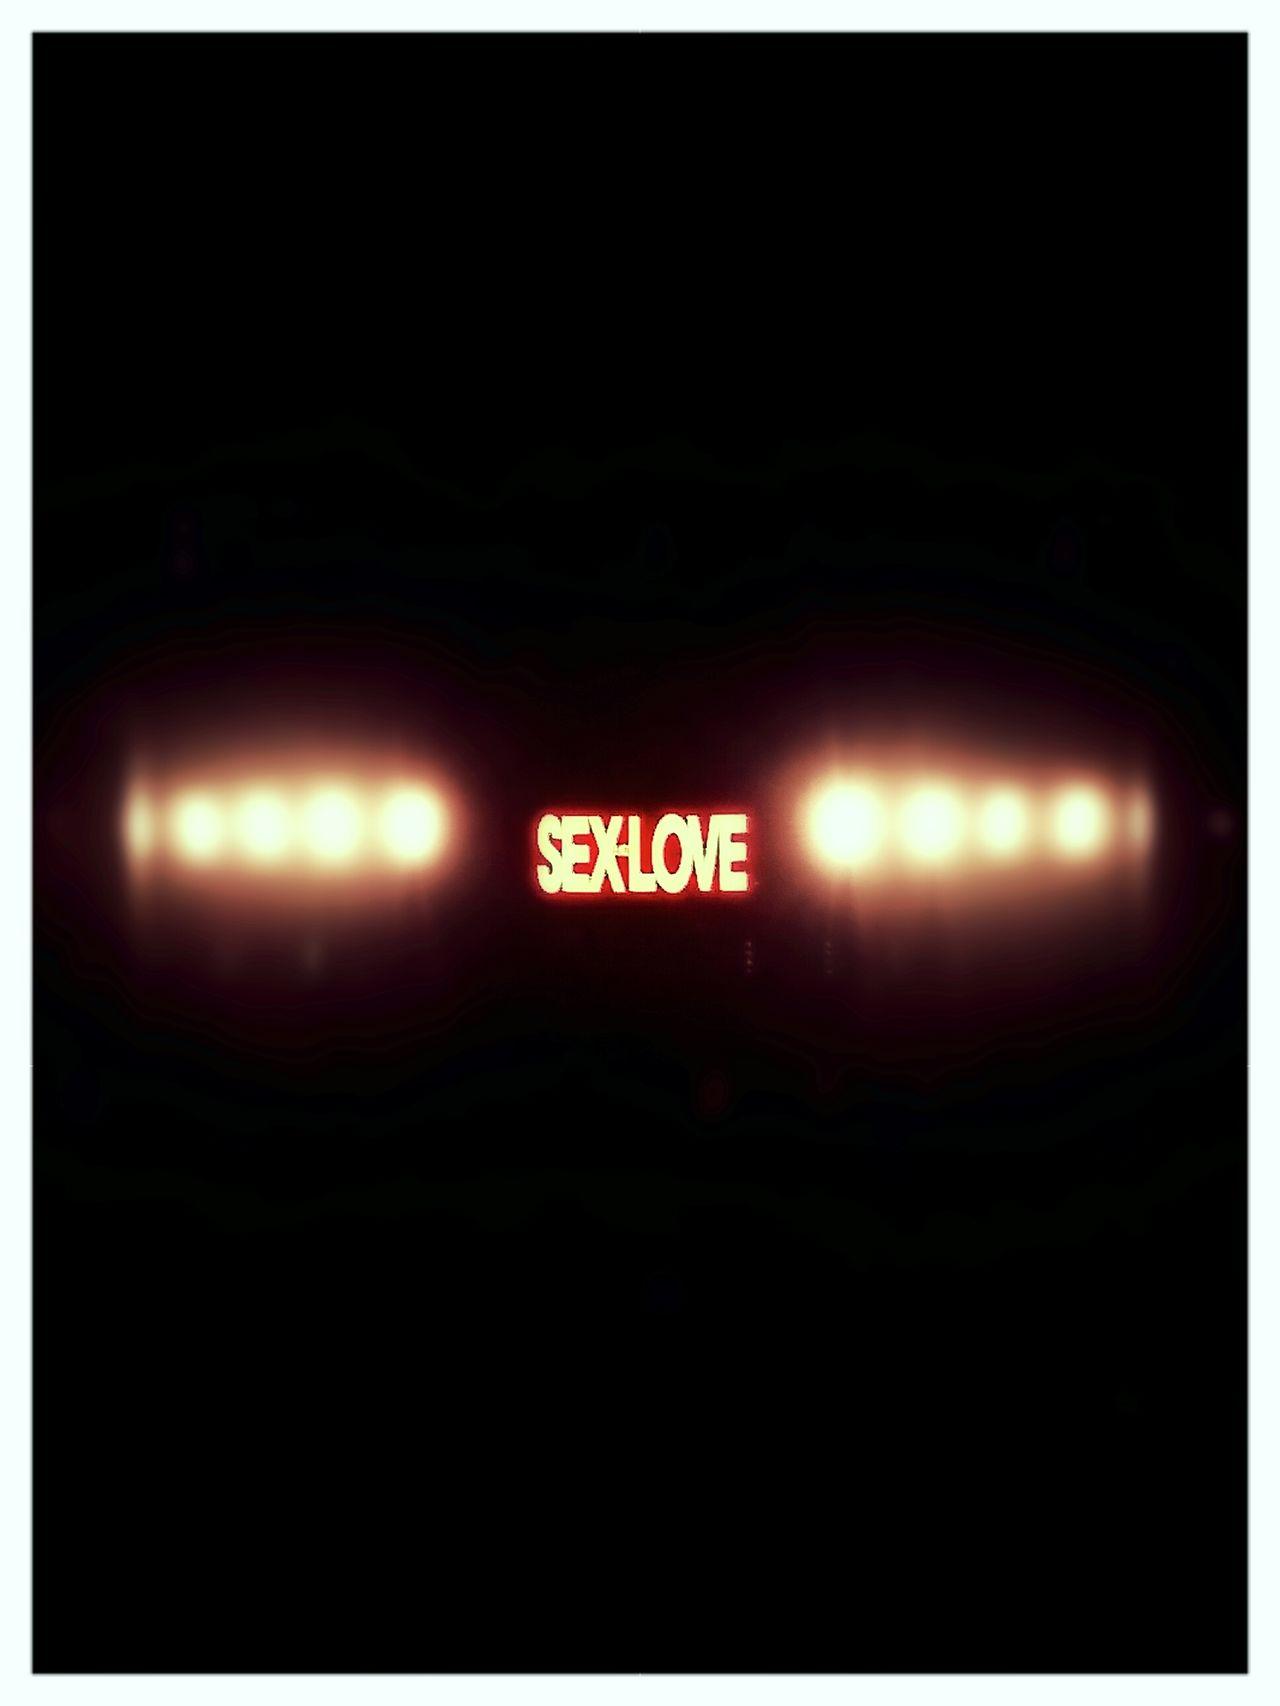 Live Show Neon Sign Signs Chinatown Dc Verizon Center Washington, D. C. Concert Lights Concert Photography Concert 43 Golden Moments